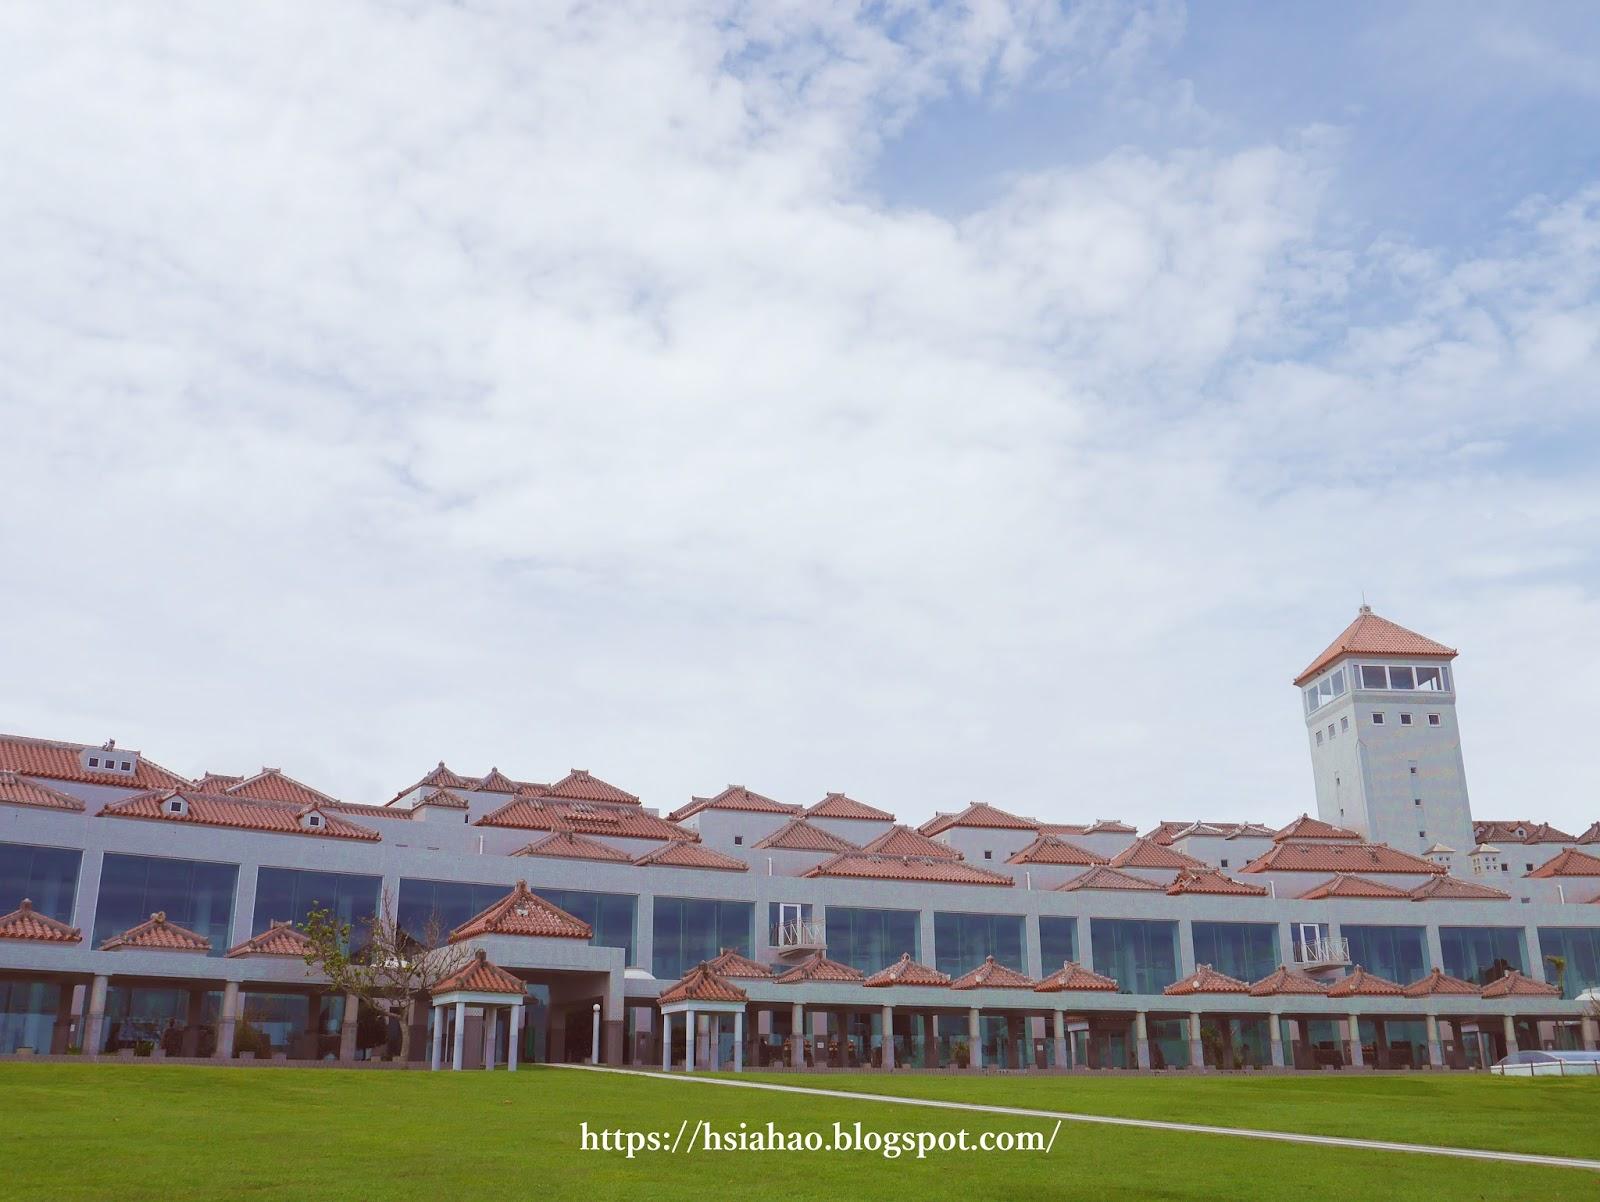 沖繩-景點-平和祈念公園-平和祈念資料館-自由行-旅遊-Okinawa-peace-park-memorial-museum